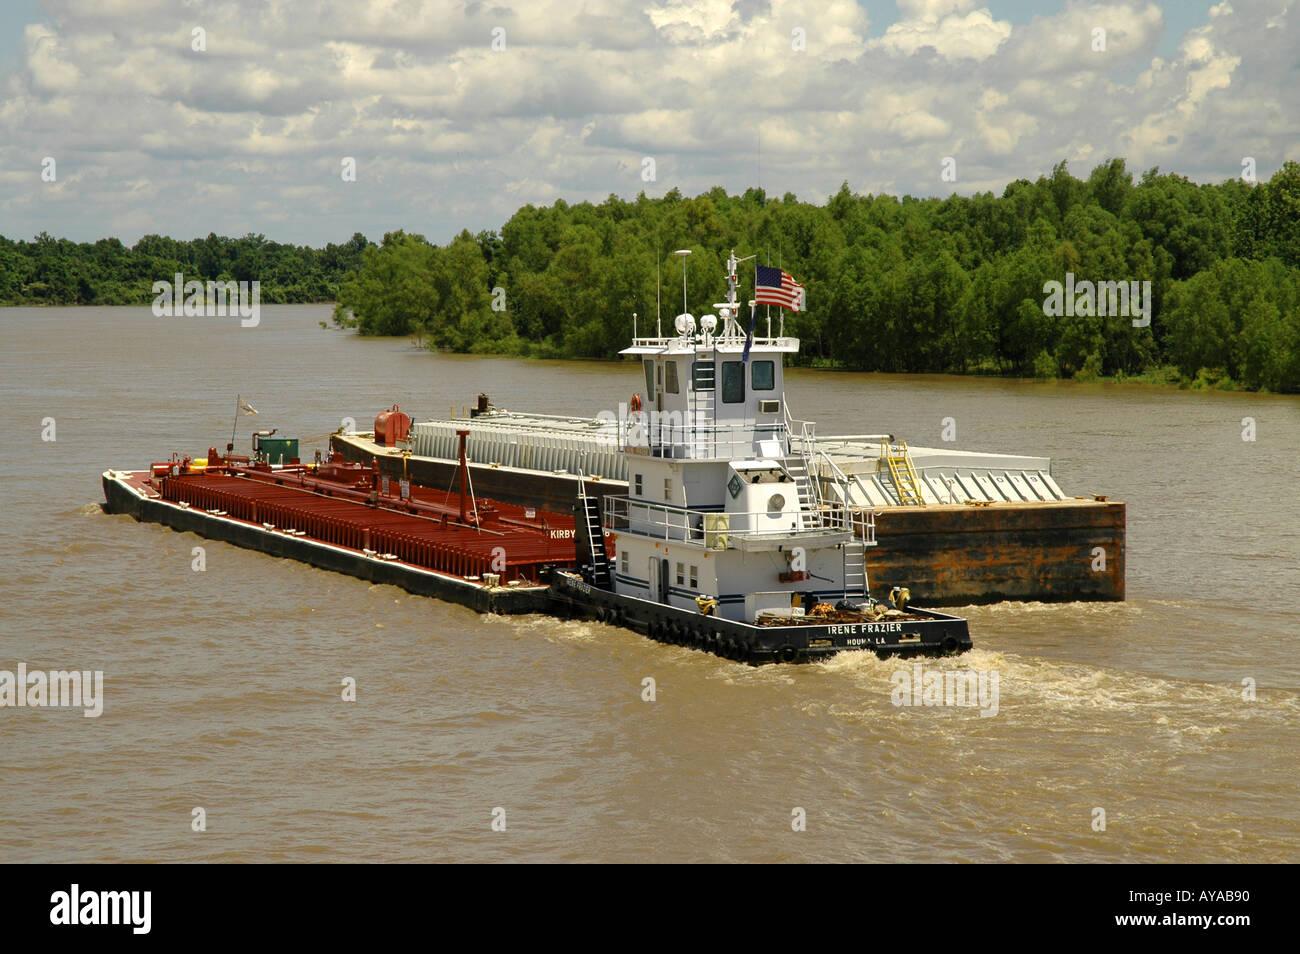 Mississippi River barge transport - Stock Image